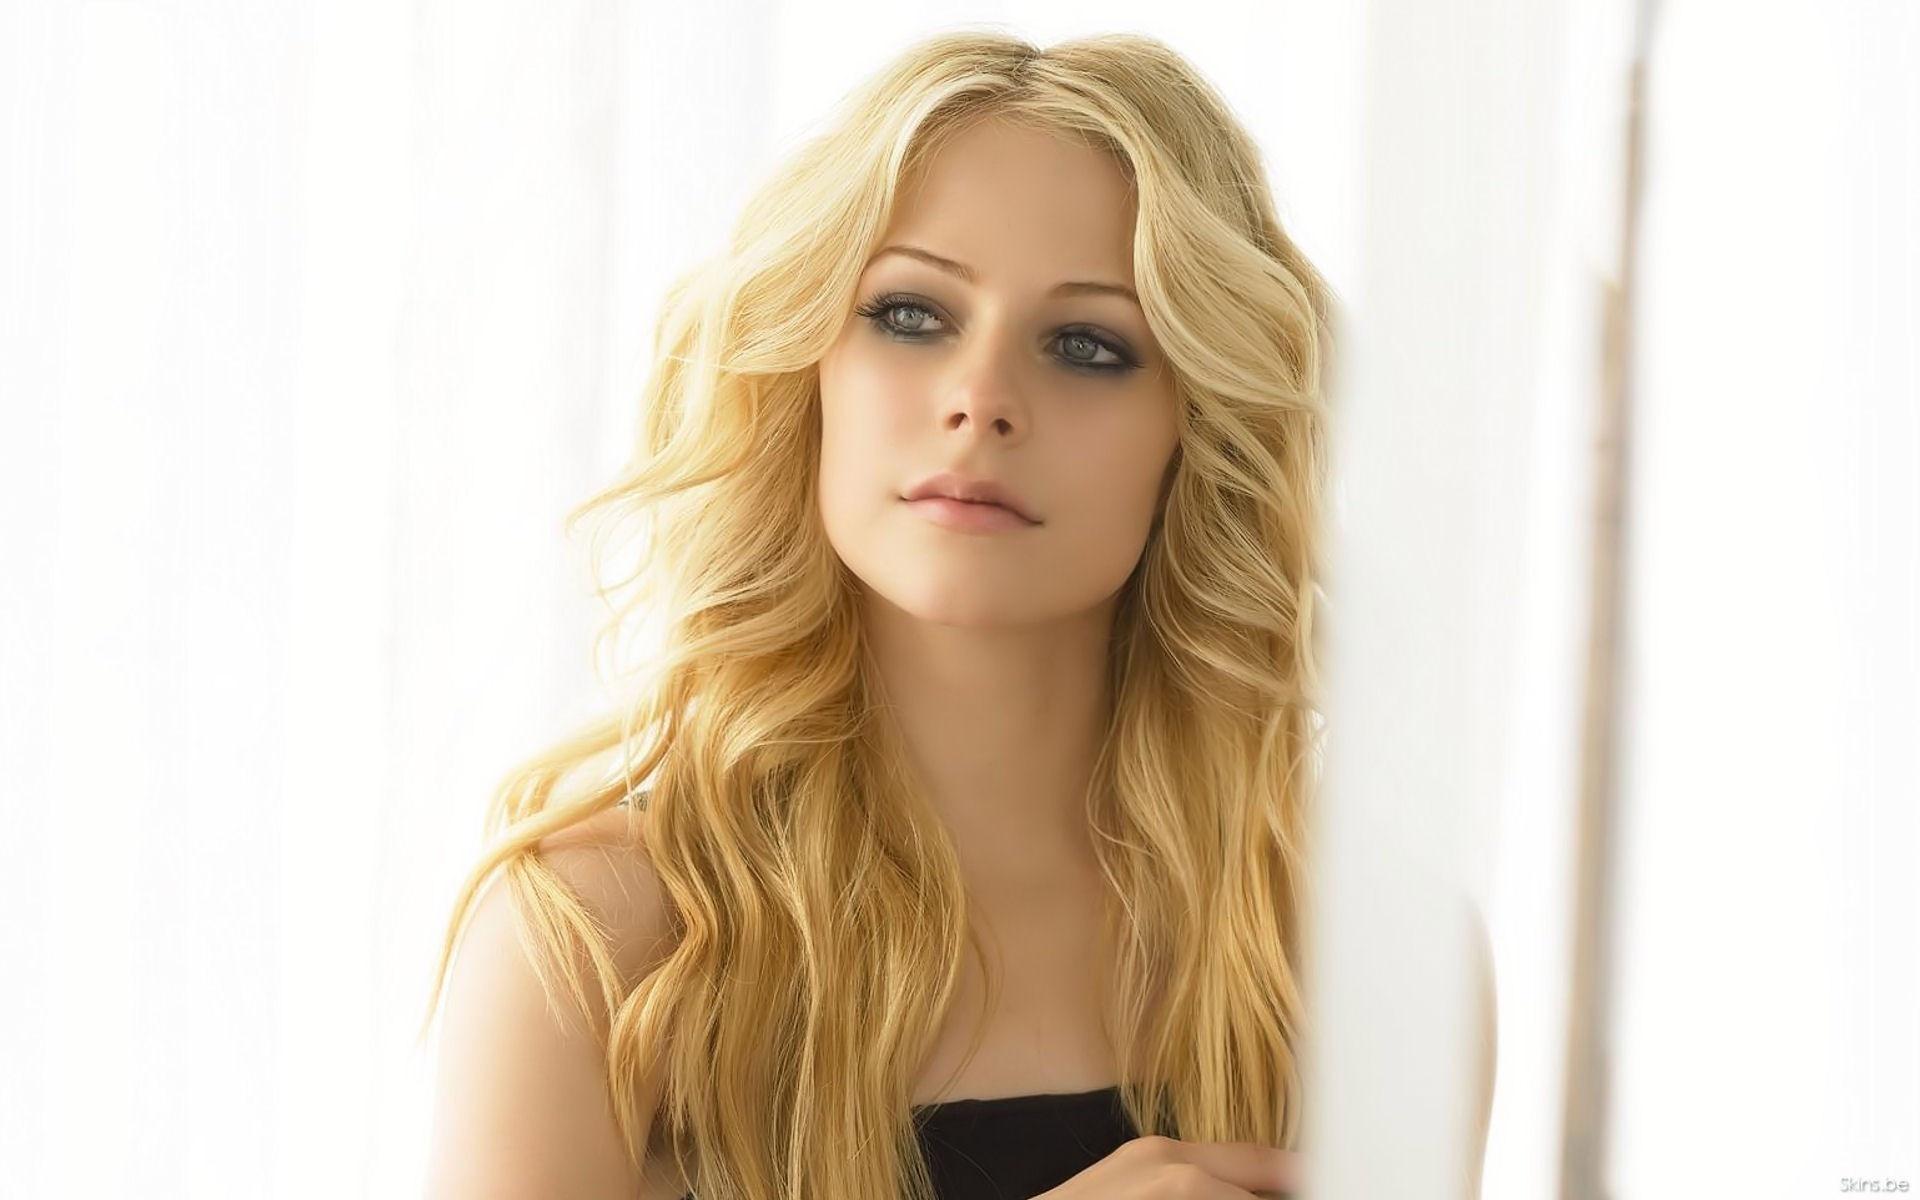 Фотки блондинок полуголых 5 фотография